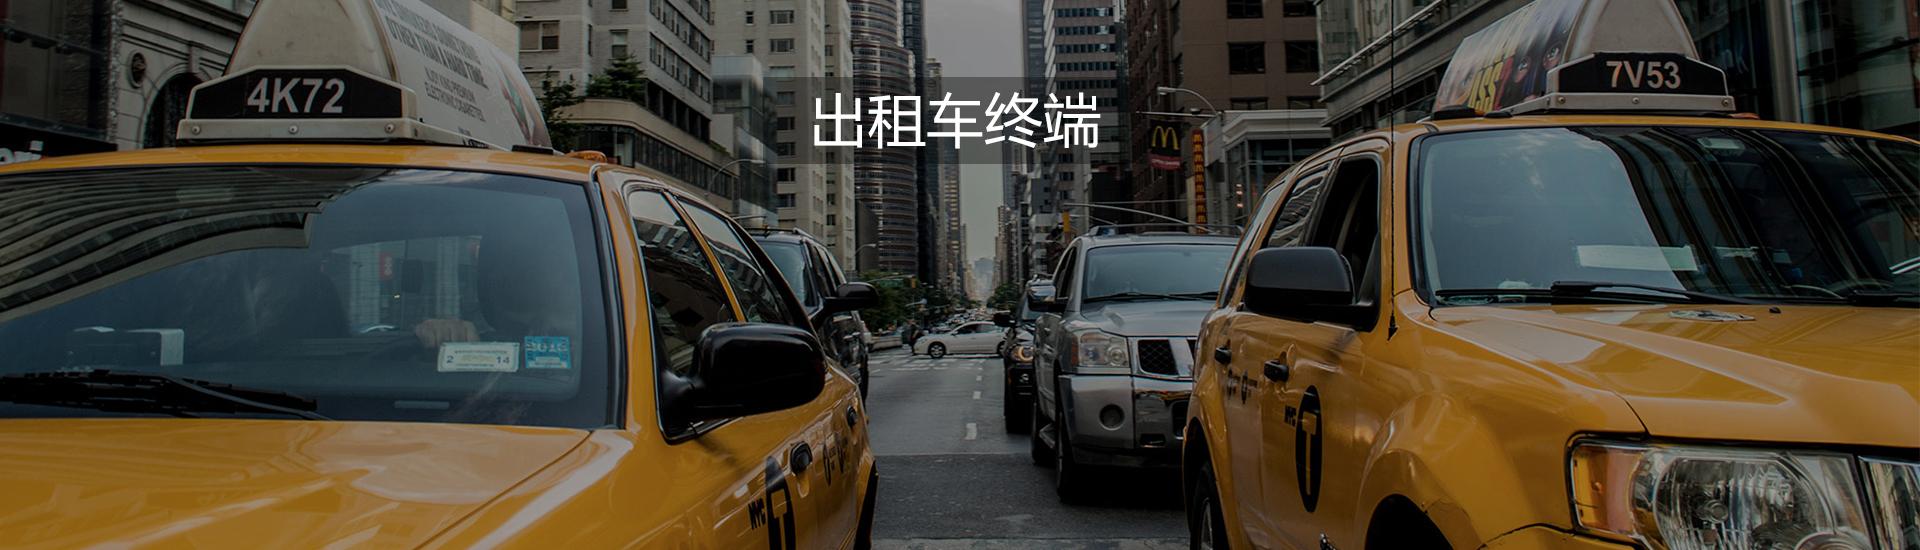 出租车终端